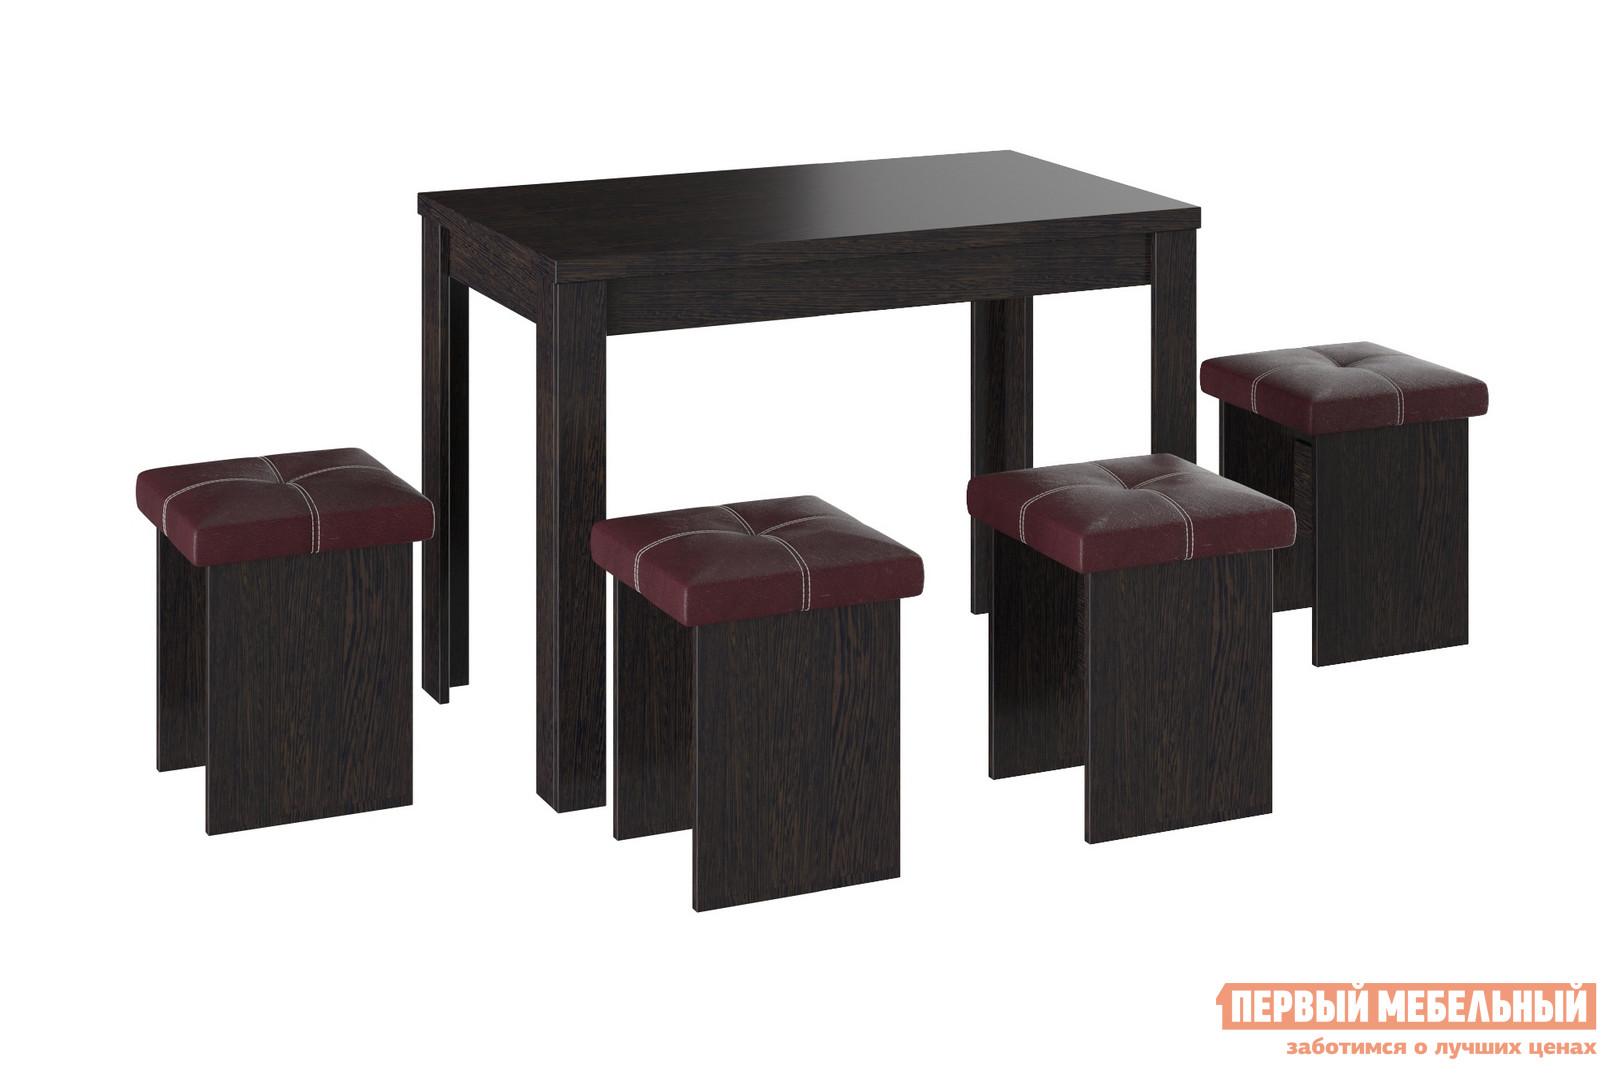 Обеденная группа Первый Мебельный Обеденная группа Рум 5